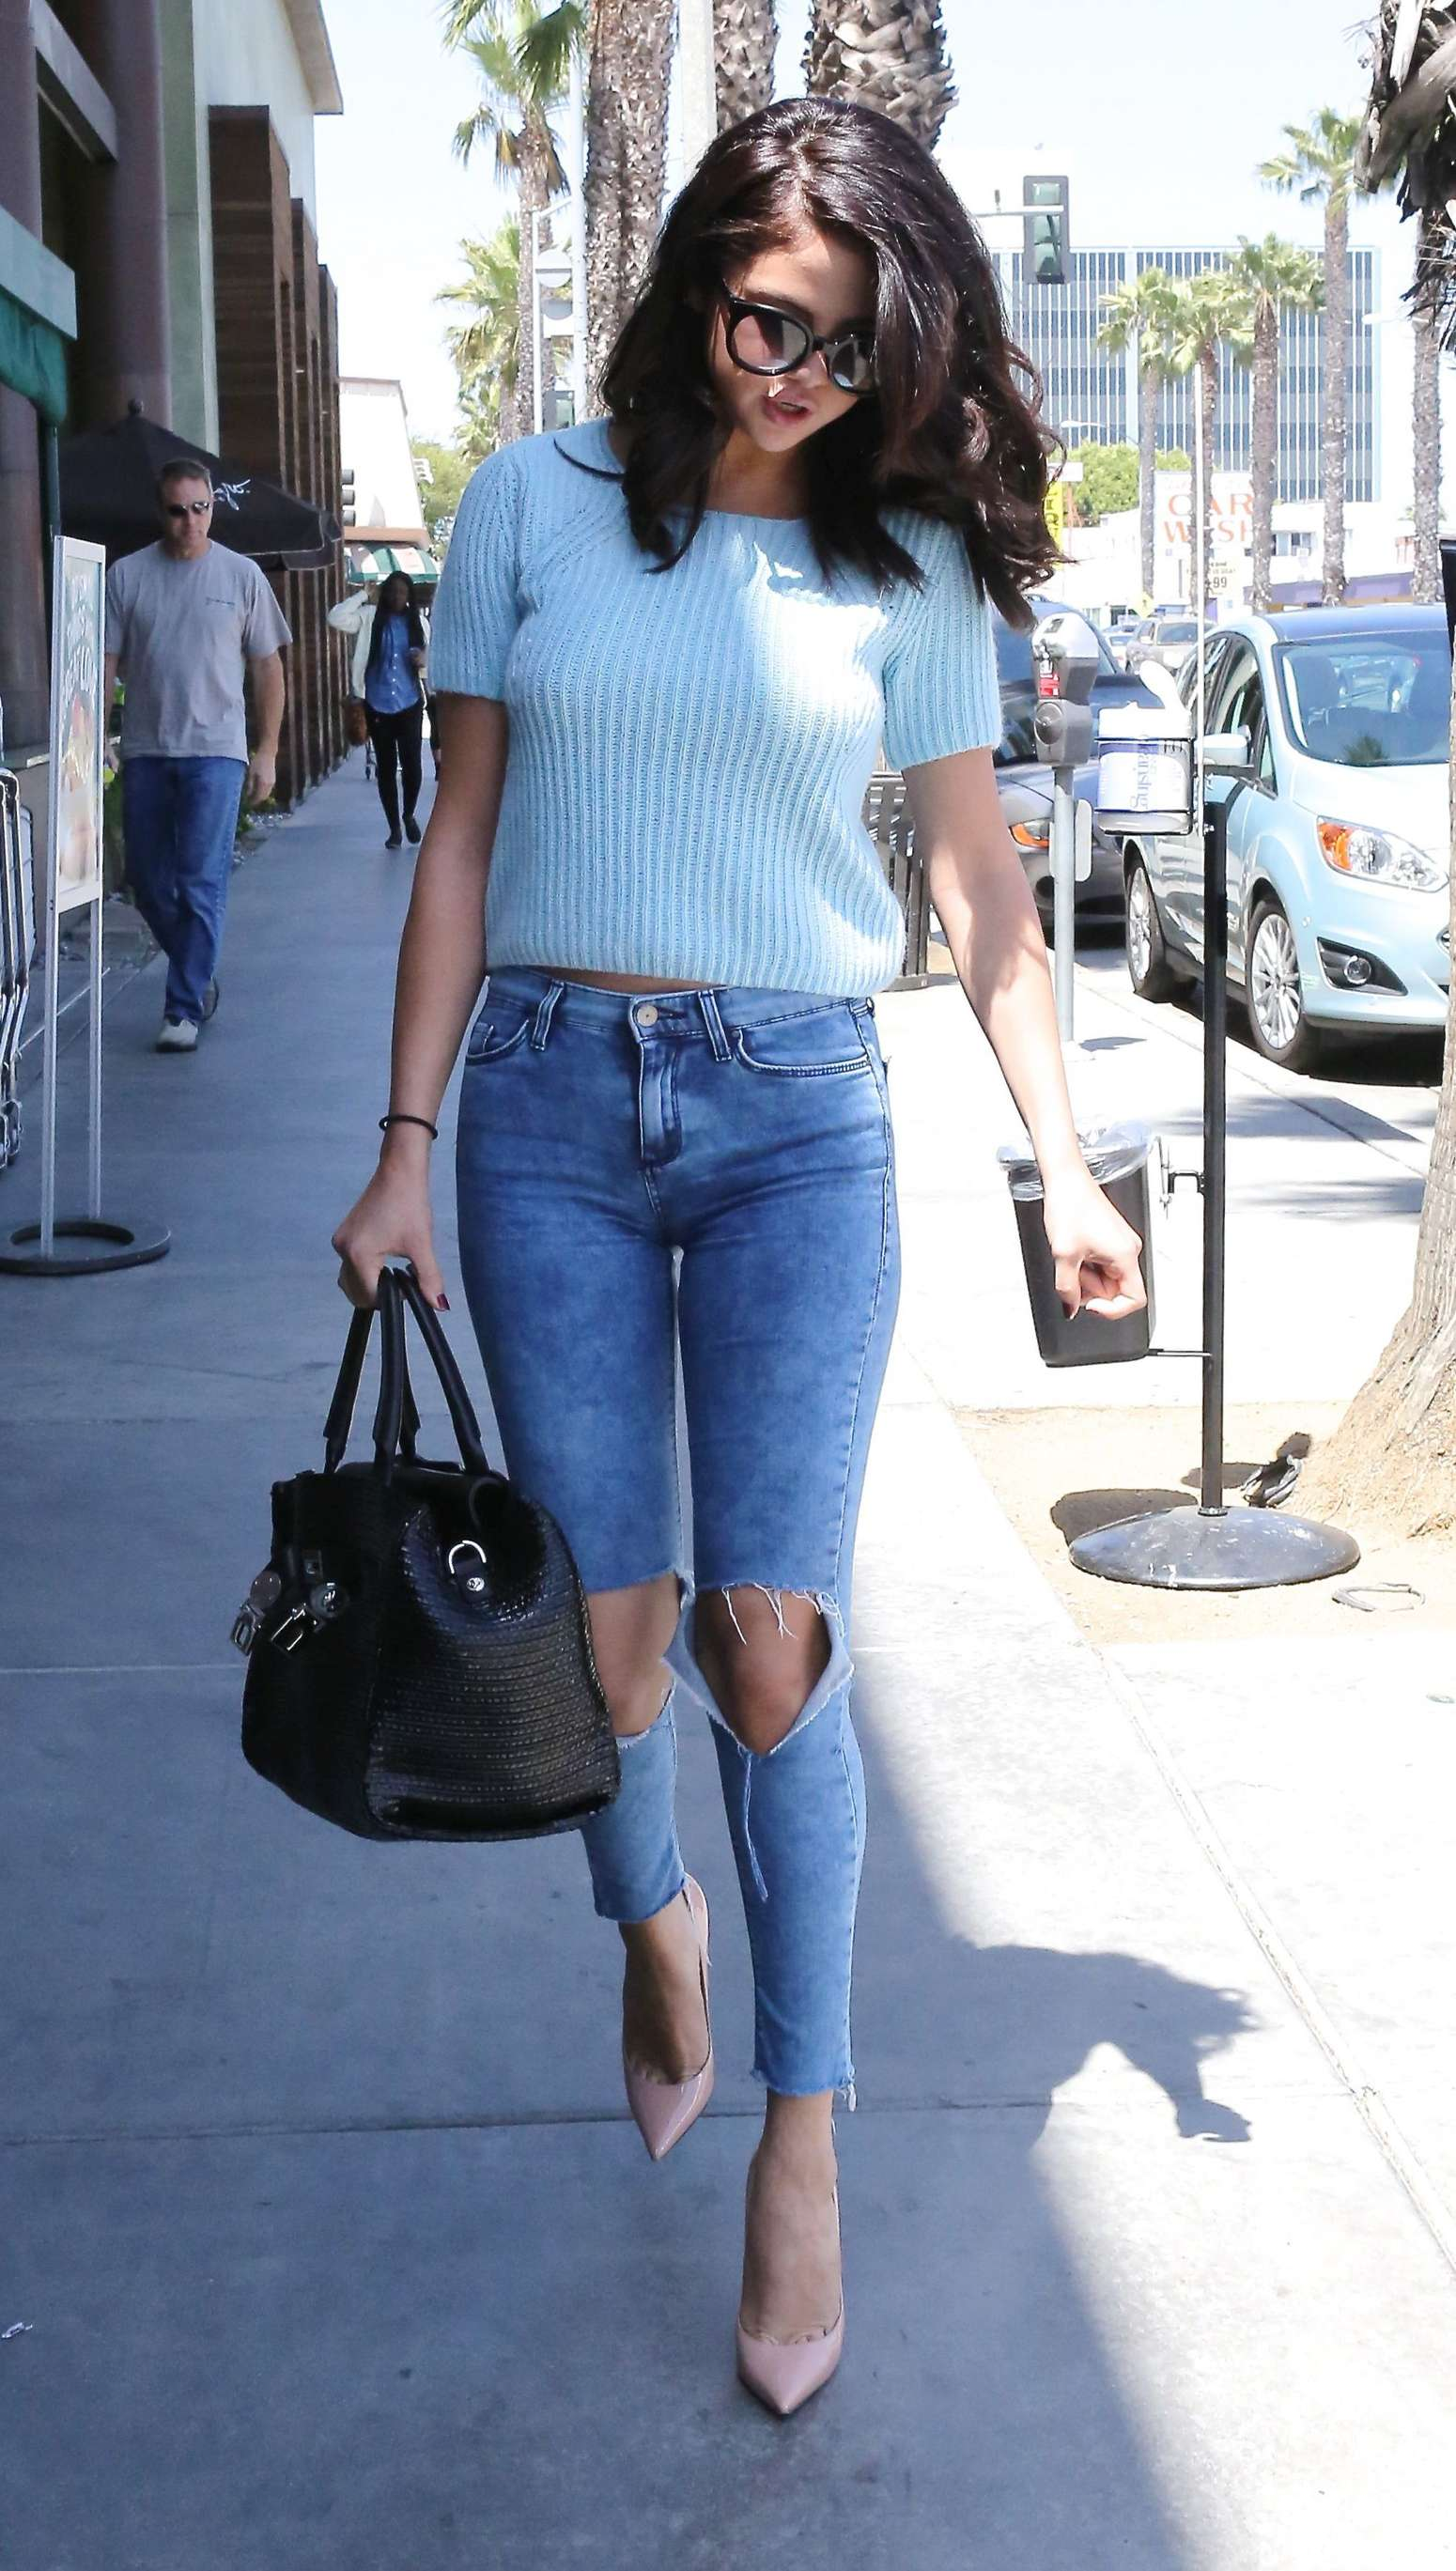 selena gomez in jeans 18 gotceleb